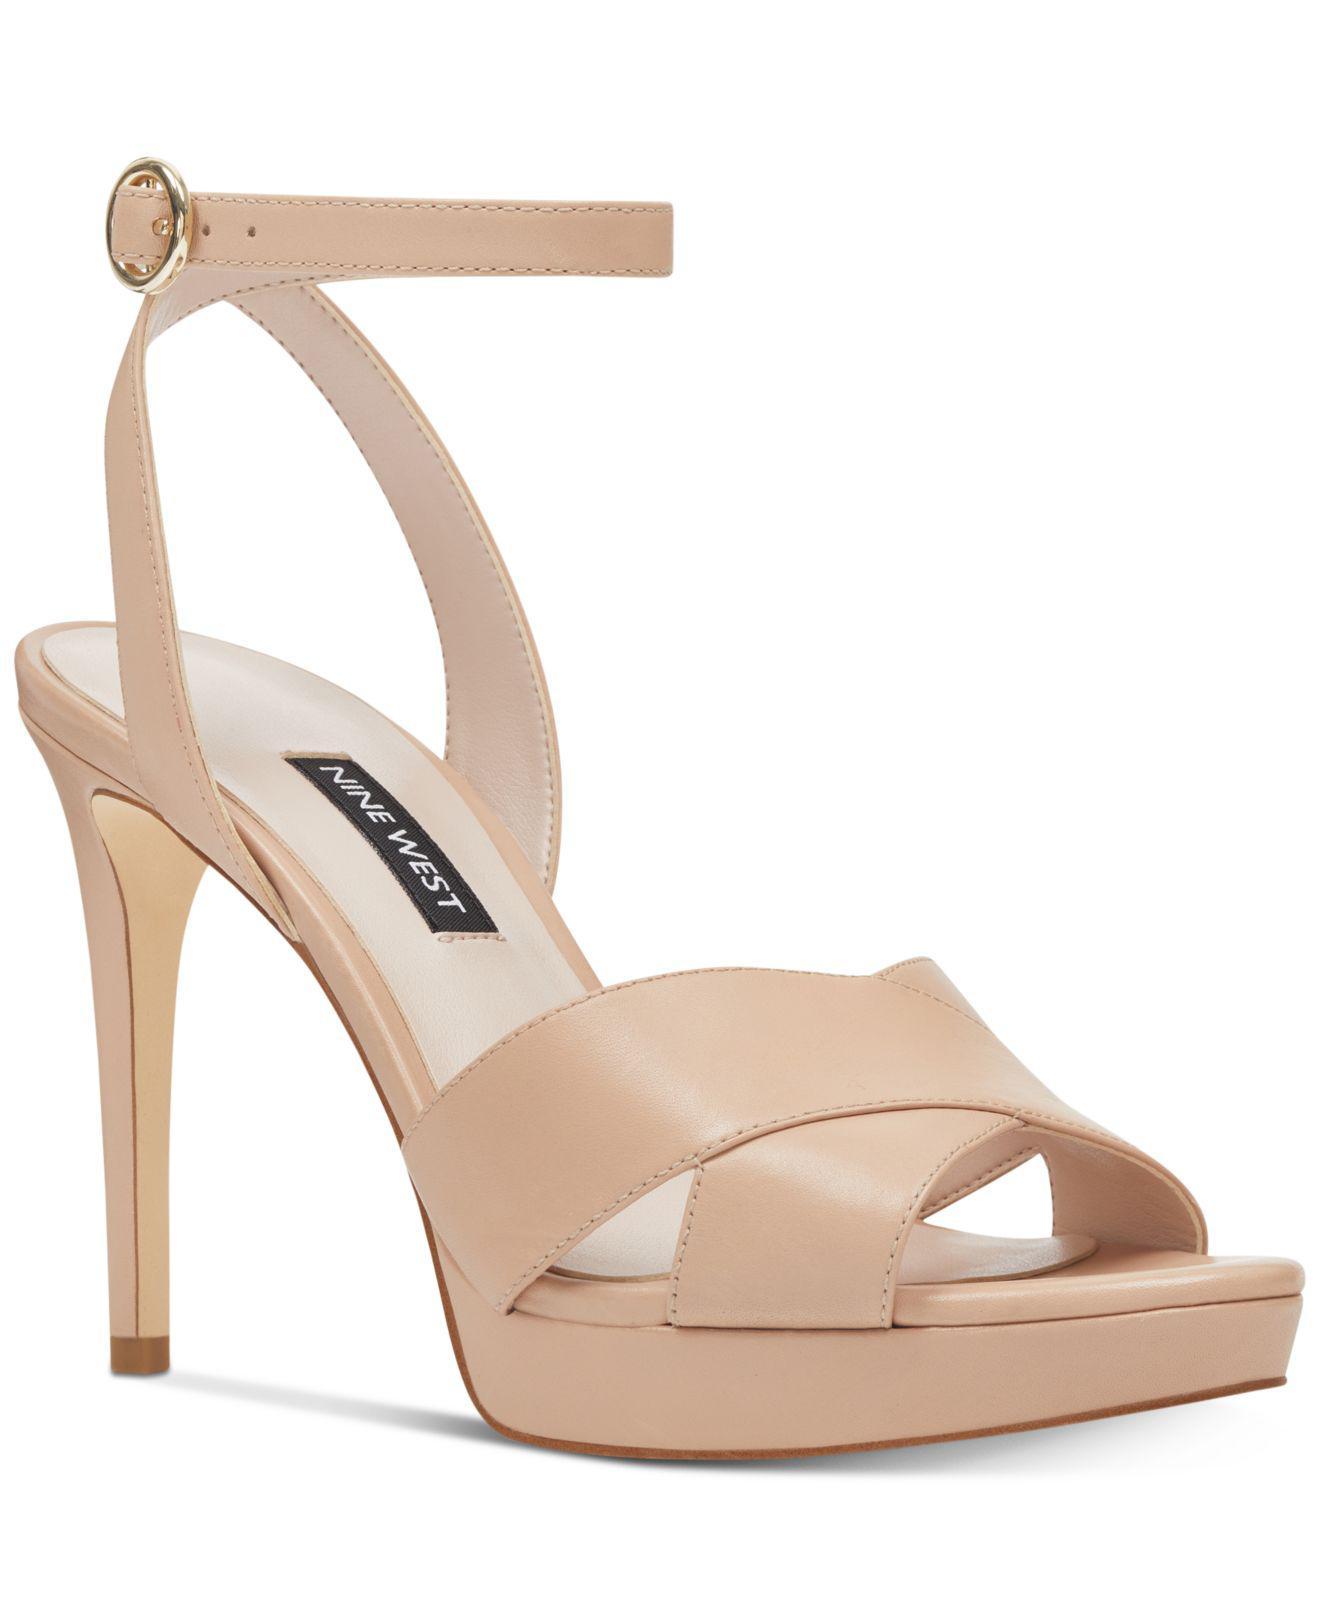 218673e12e6 Nine West - Natural Quisha Platform Sandals - Lyst. View fullscreen